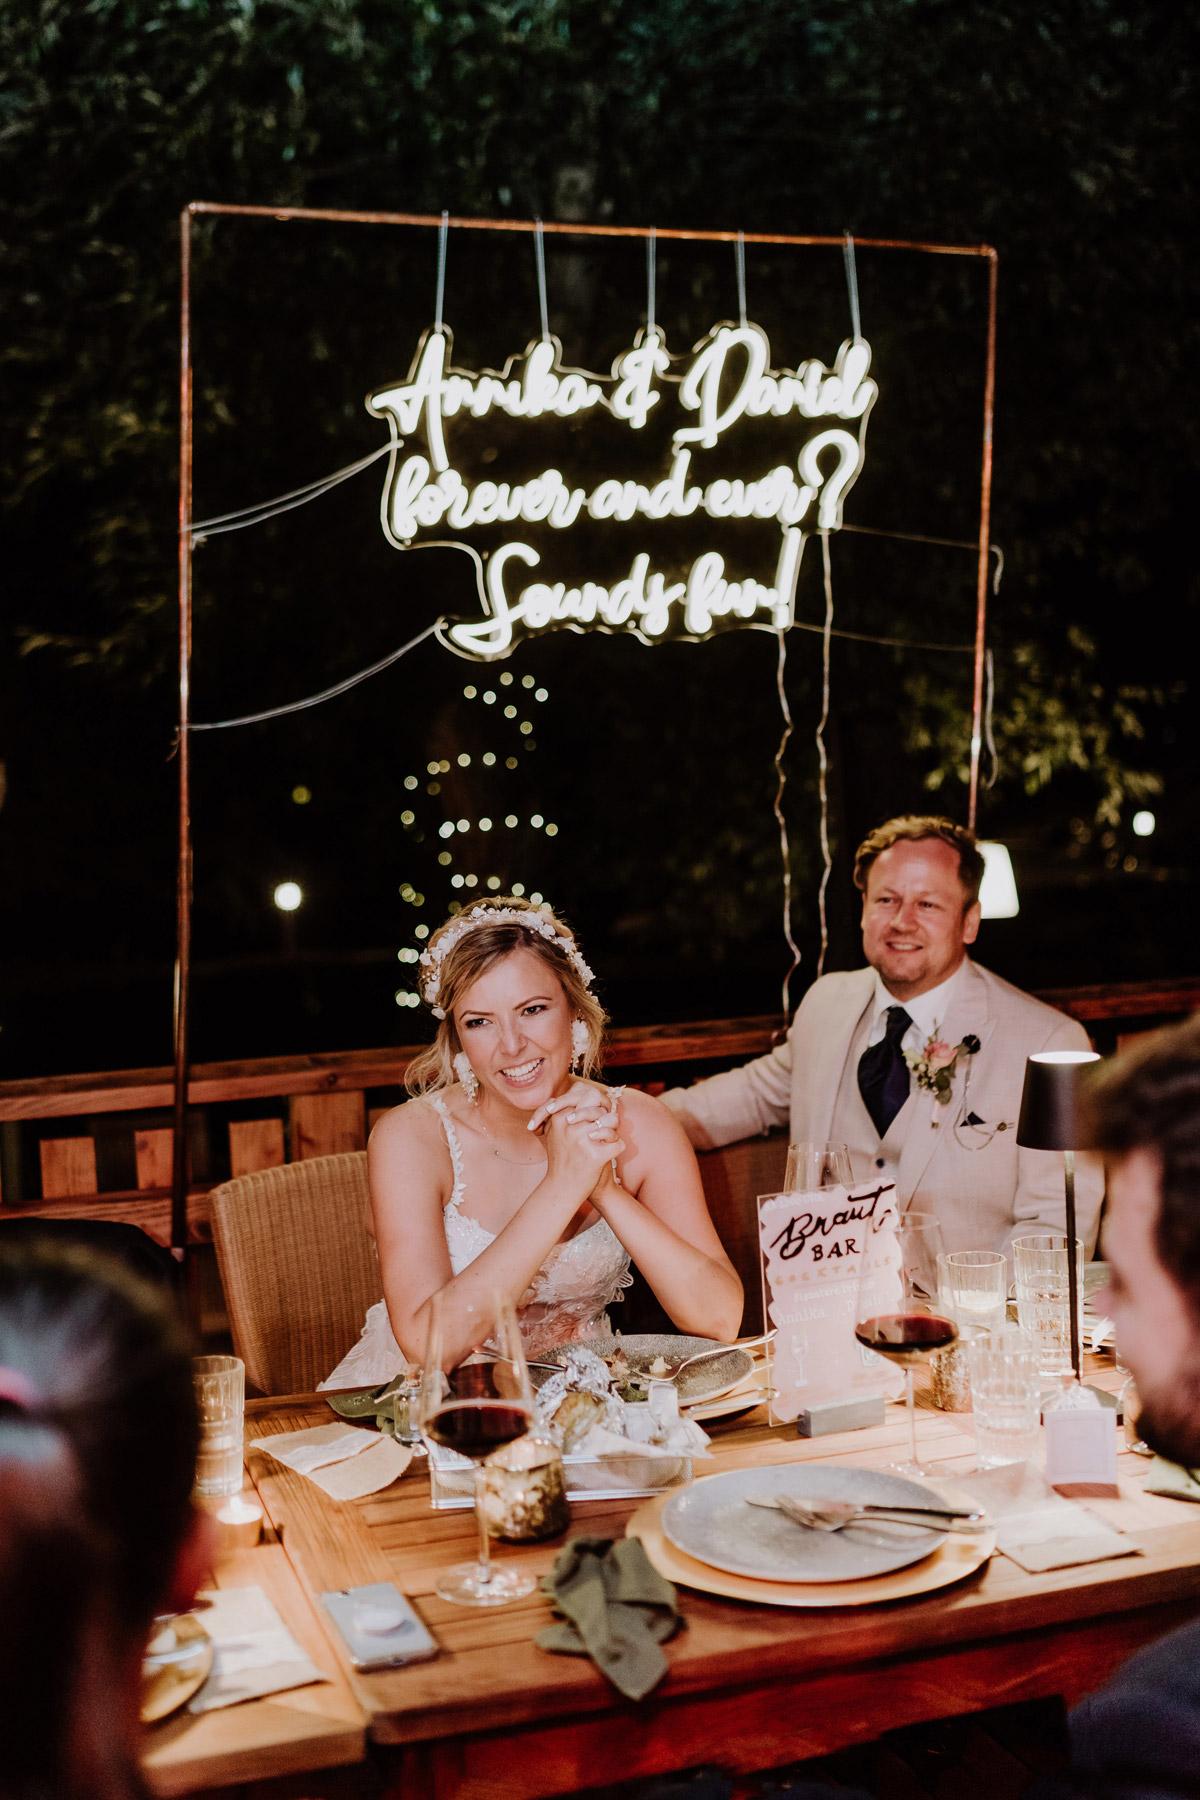 Hochzeitdeko Idee Hochzeitsspruch leuchtet: Boho Hochzeitspaar sitzt vor ihrem kurzen Hochzeitsspruch. Annika & Daniel forever and ever? Sounds fun! Hochzeitsreportage aus Berlin von © www.hochzeitslicht.de #hochzeitslicht